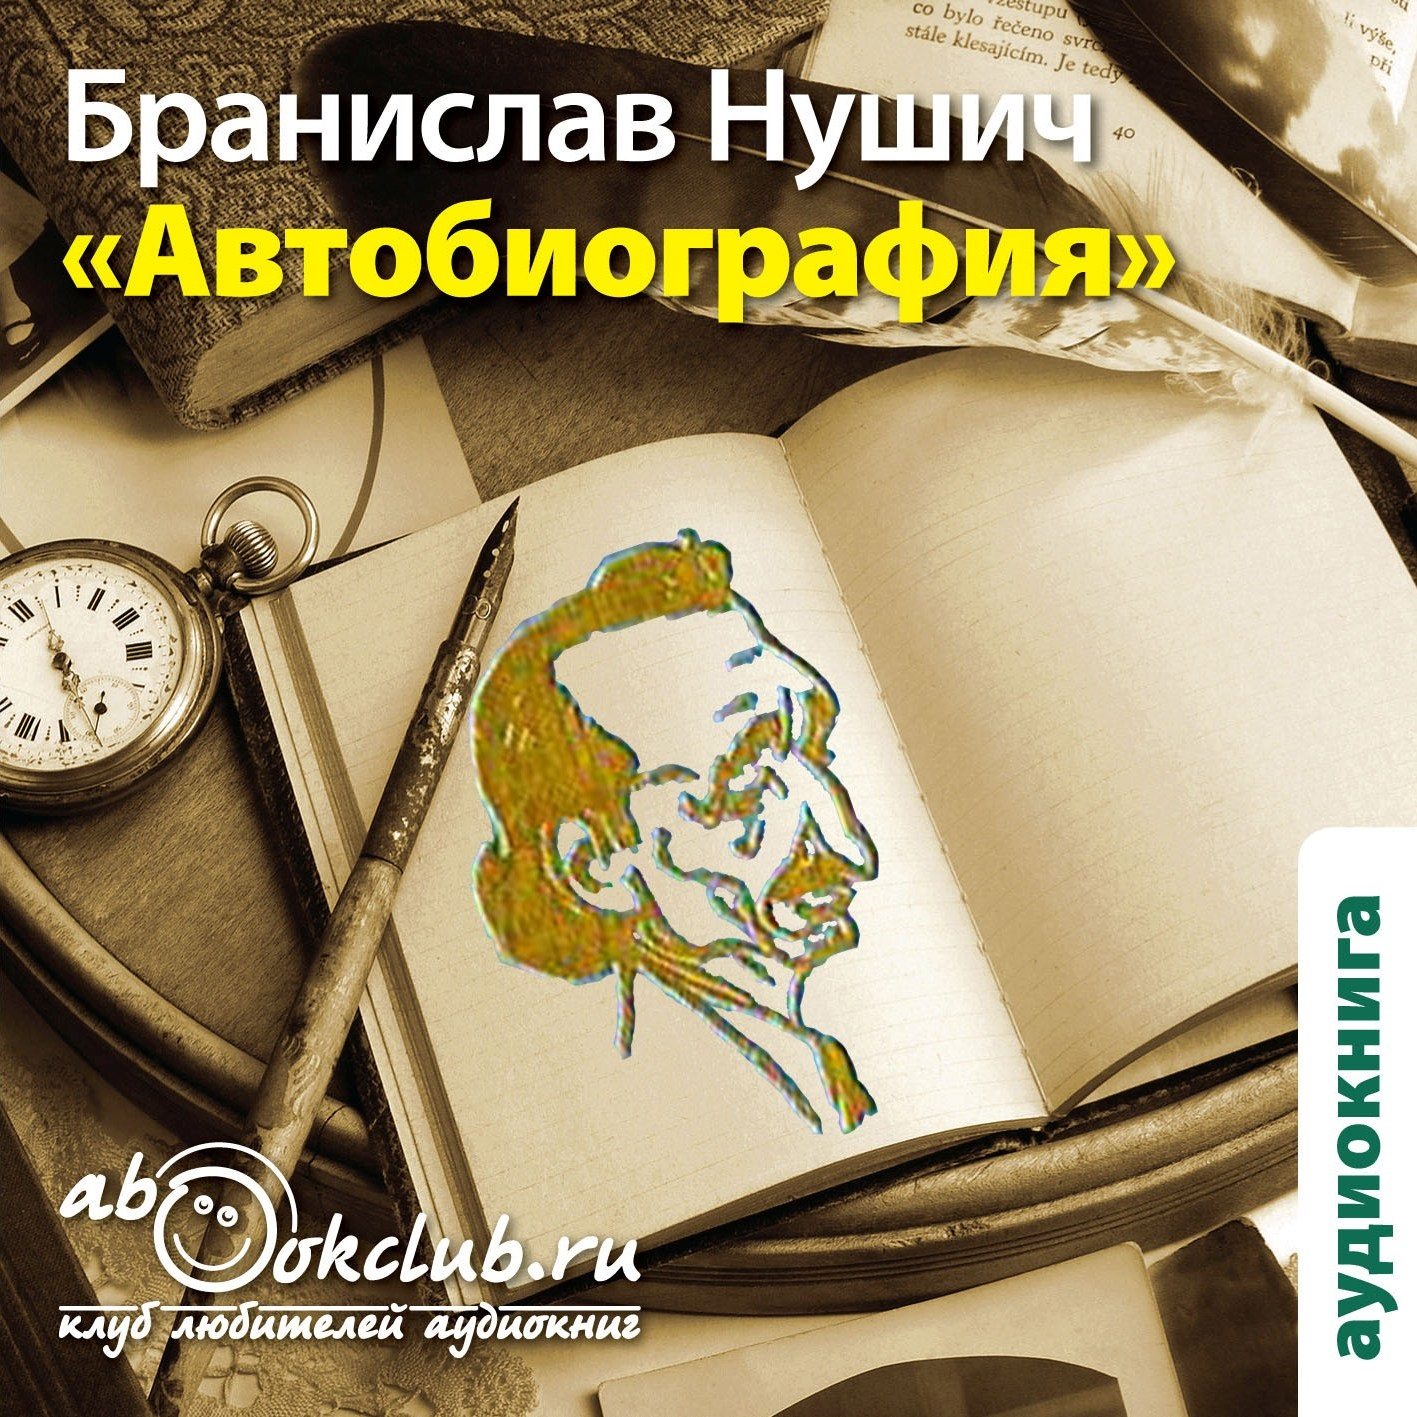 Бранислав Нушич. Автобиография (Цифровая версия)Бранислав Нушич. Автобиография – одно из лучших произведений сербского прозаика и комедиографа Бранислава Нушича – была написана в 1924 году.<br>